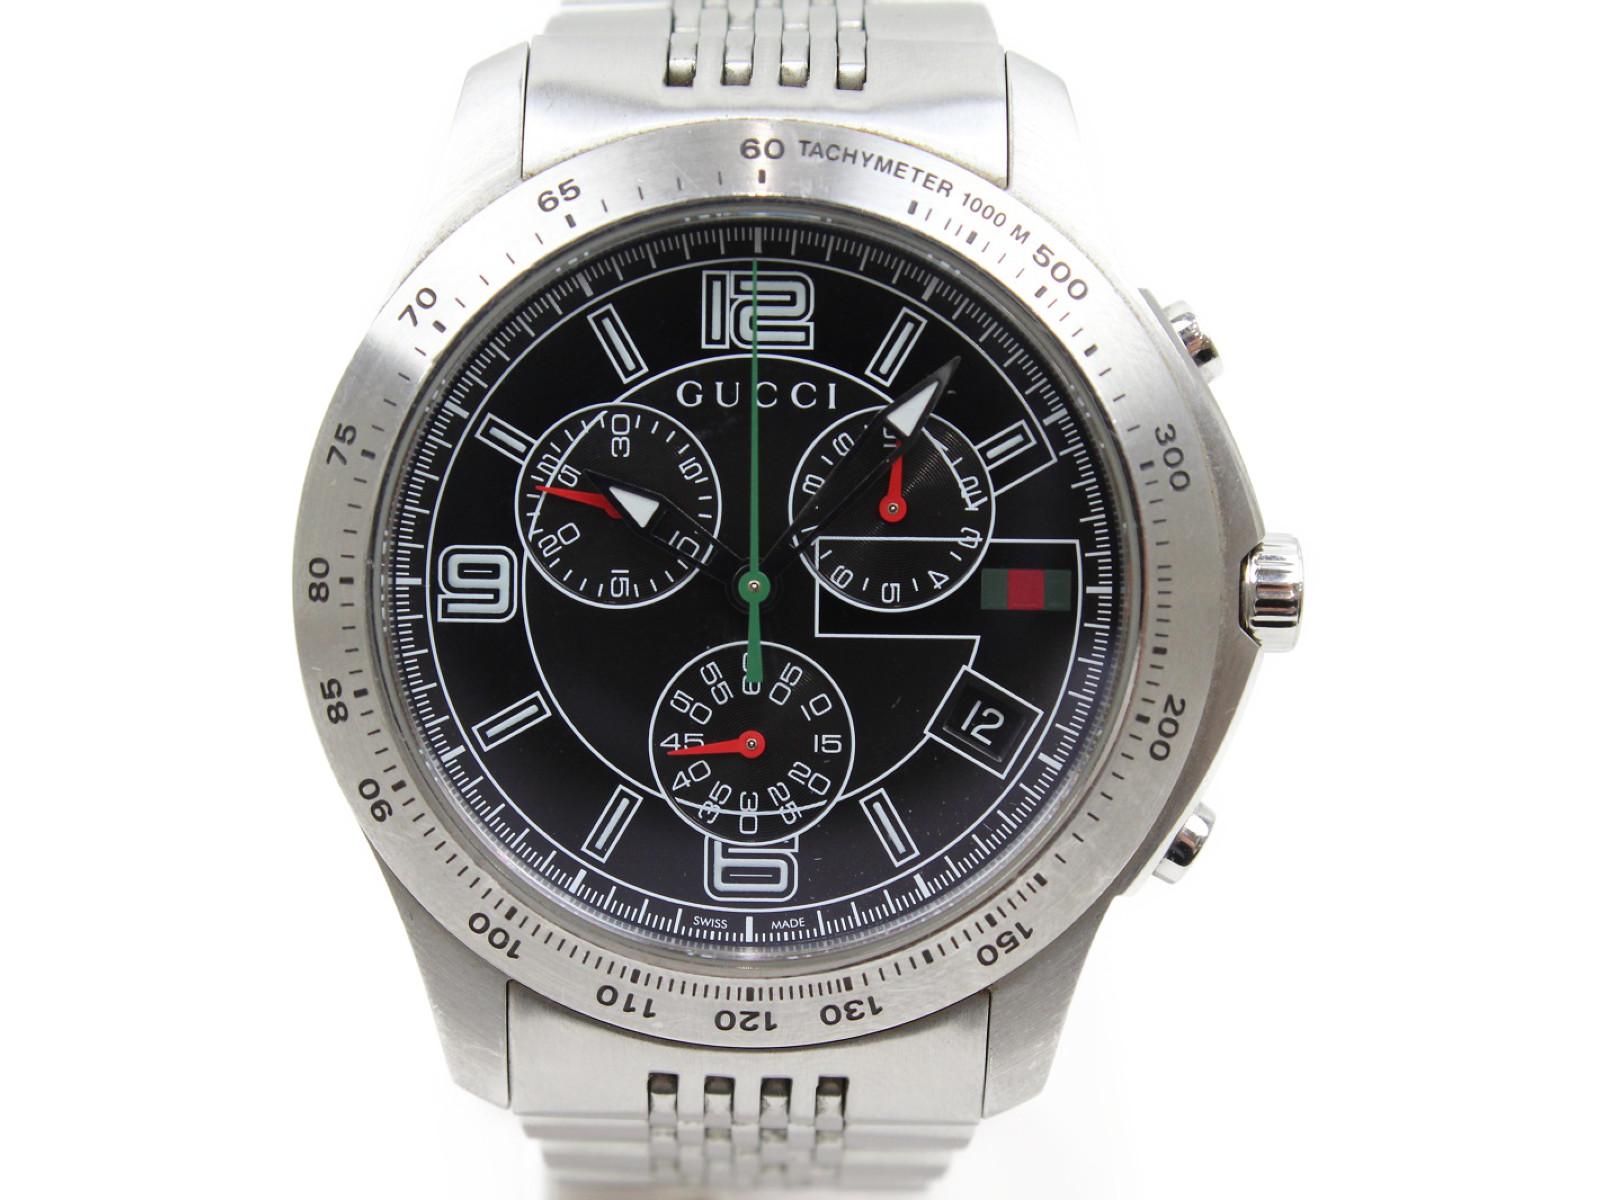 GUCCI グッチ G-タイムレス Y126205 クオーツ クロノグラフ デイト SS ステンレススチール ブラック メンズ 腕時計【中古】